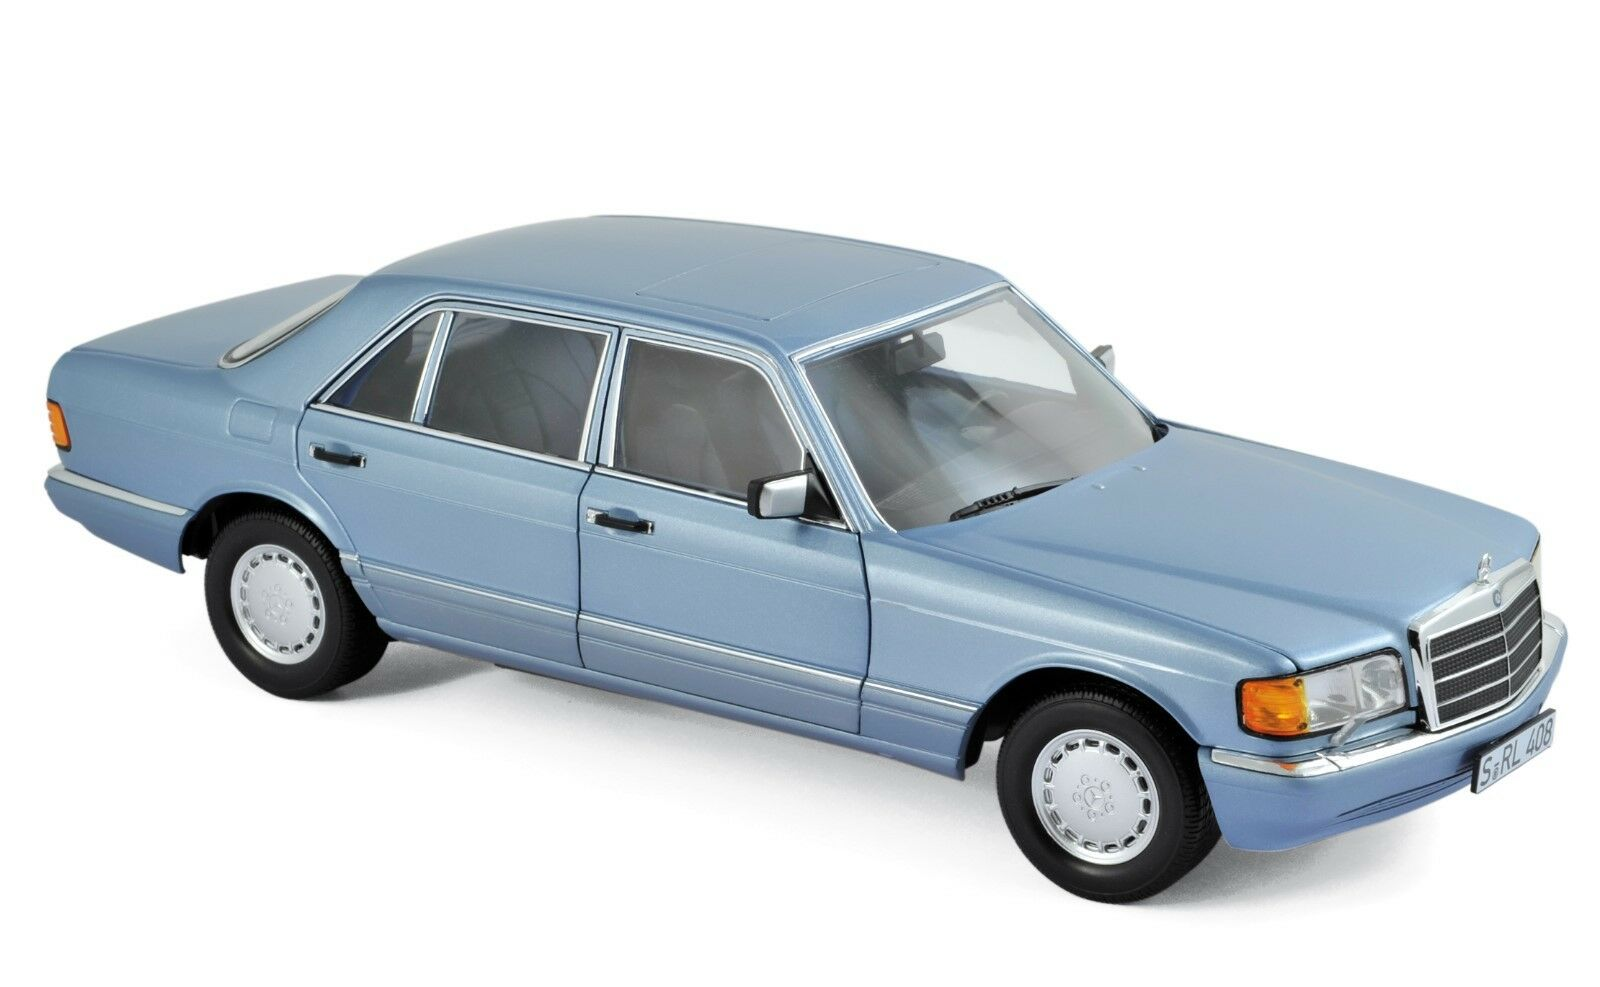 Mercedes 560 SEL 1990 Perl Bleu Métallisé 1 18 Norev 183464 NOUVEAU & NEUF dans sa boîte